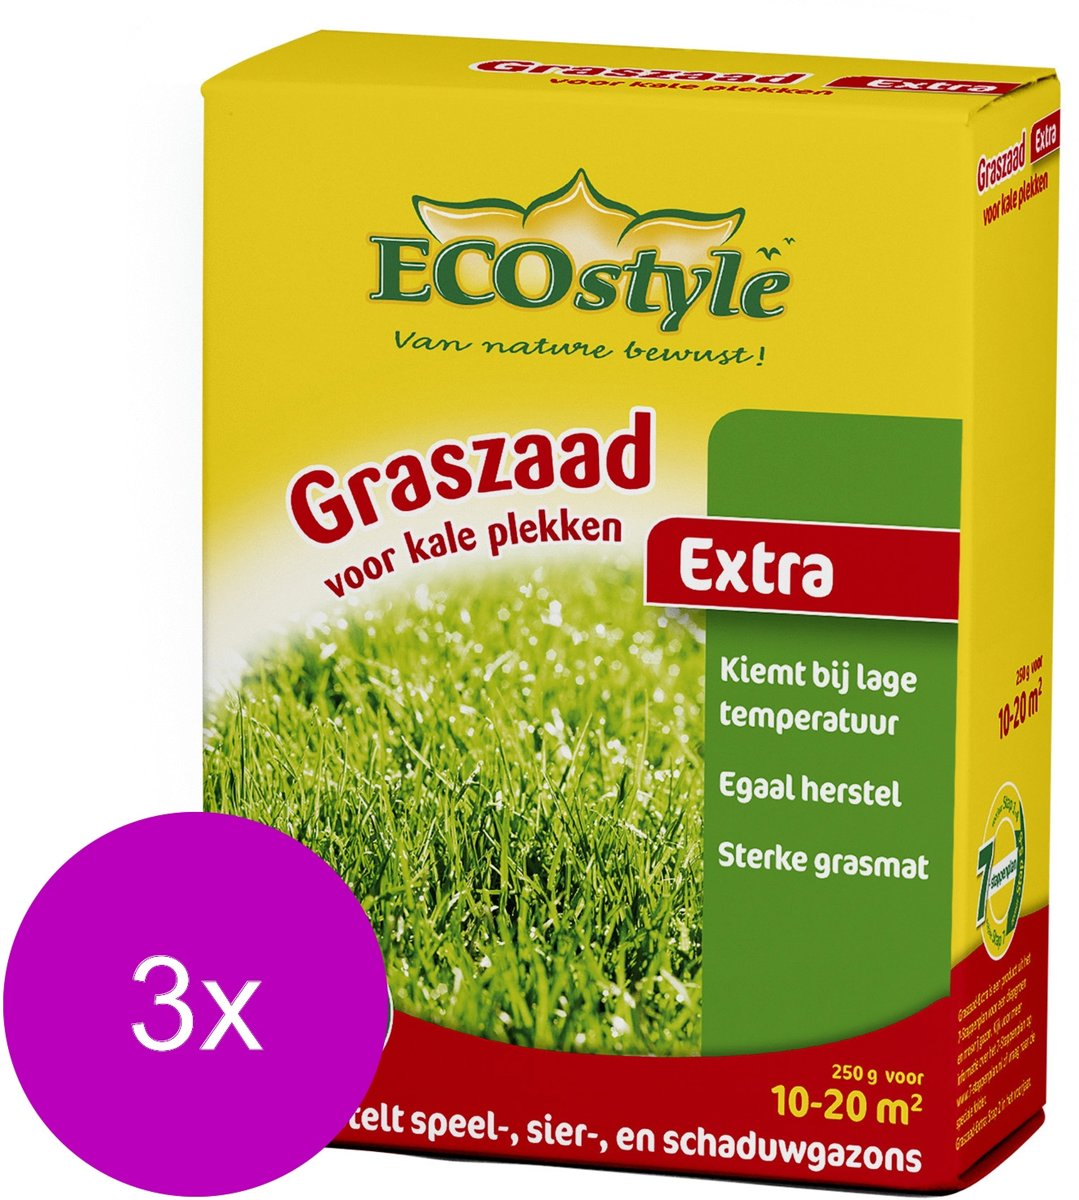 Ecostyle Graszaad-Extra 20 m2 - Graszaden - 3 x 250 g kopen